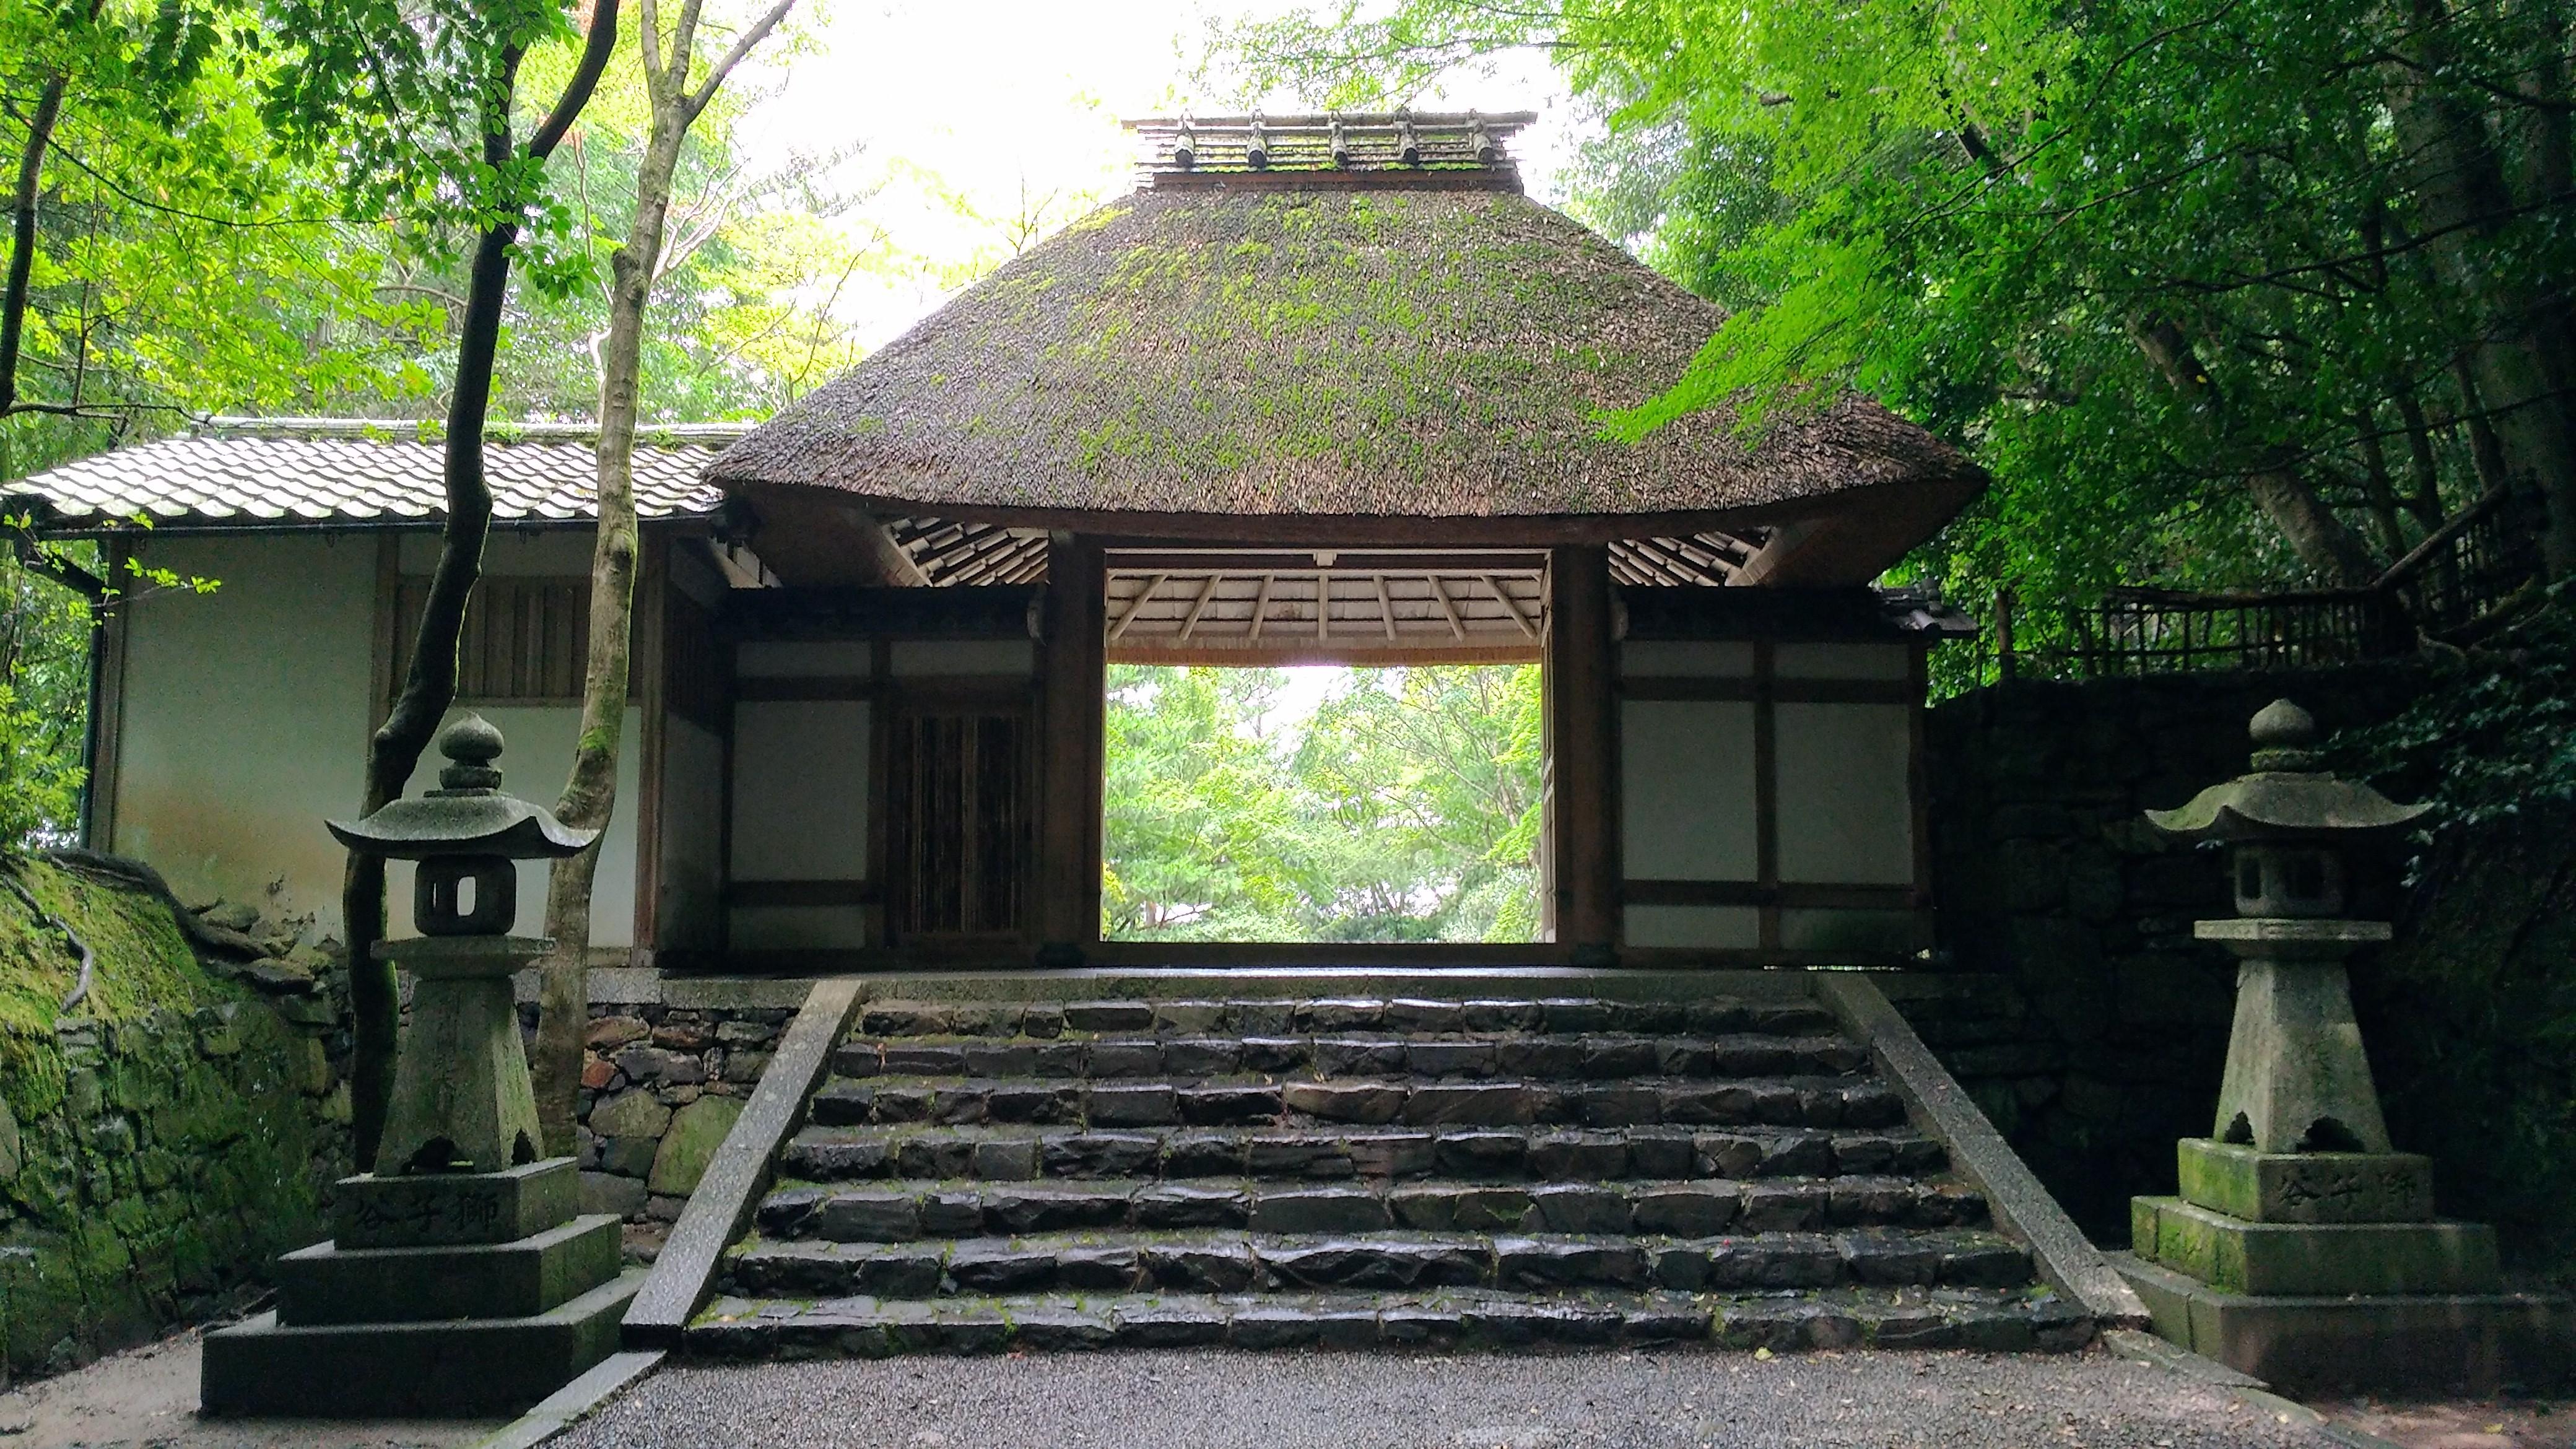 山下良道さん開催の【京都坐禅会】に参加してきました!